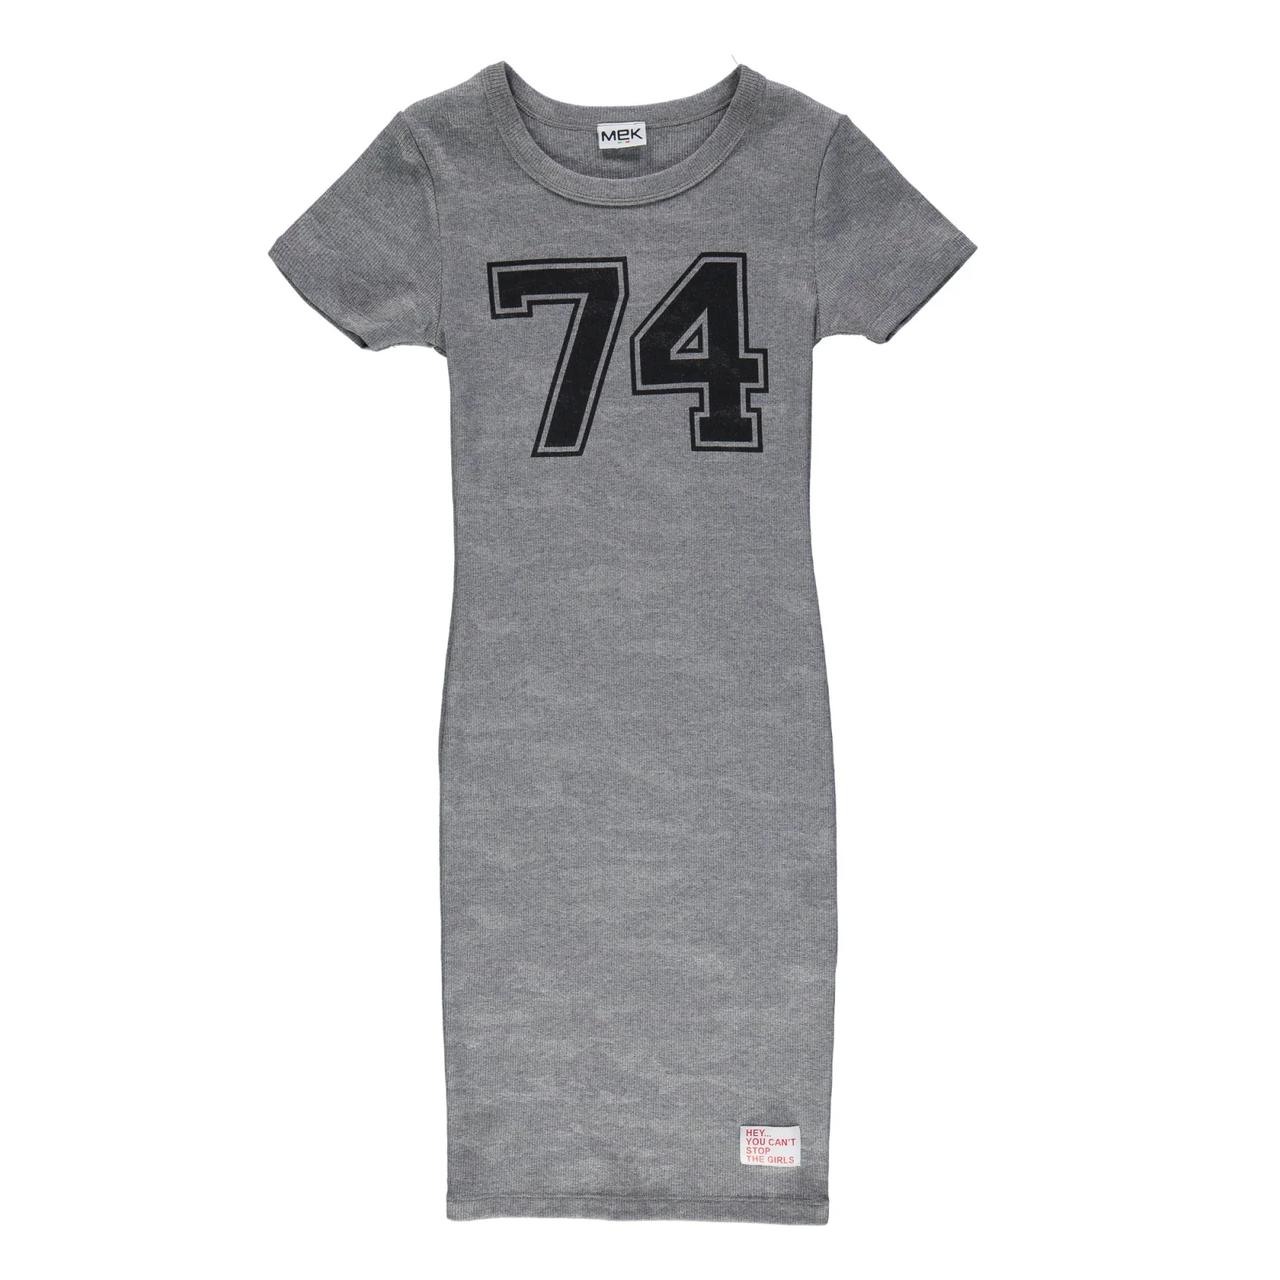 Платье для девочки Mek  201MIIM002-663 серый 128-170